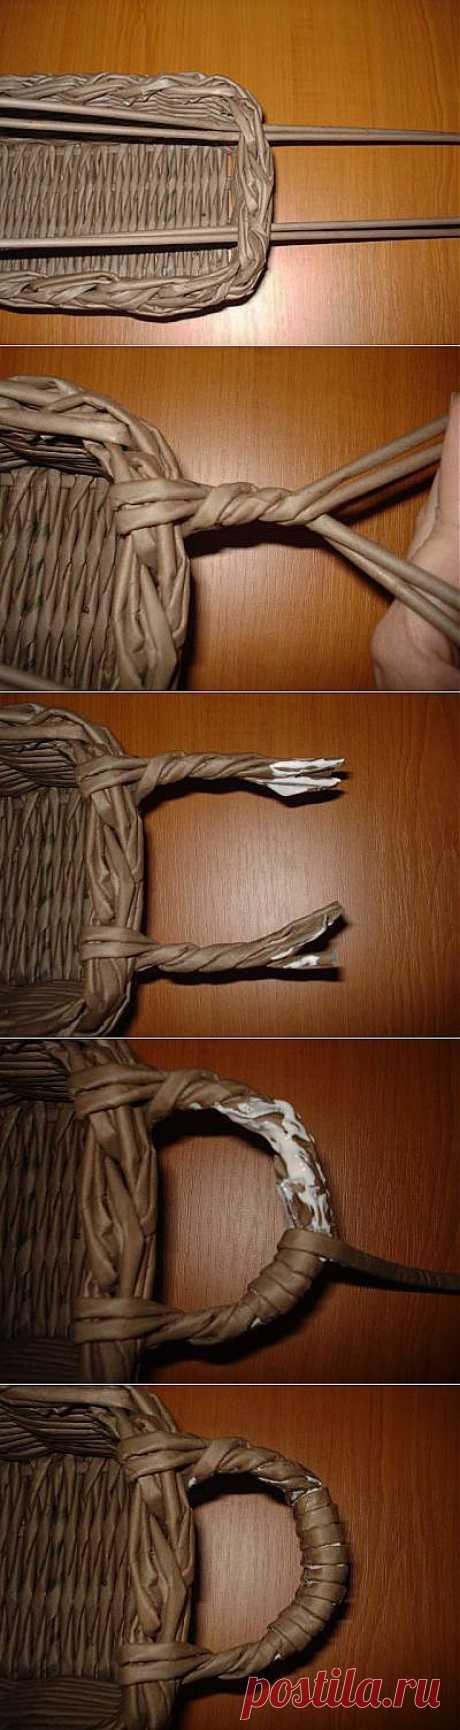 Плетение ручки для корзины